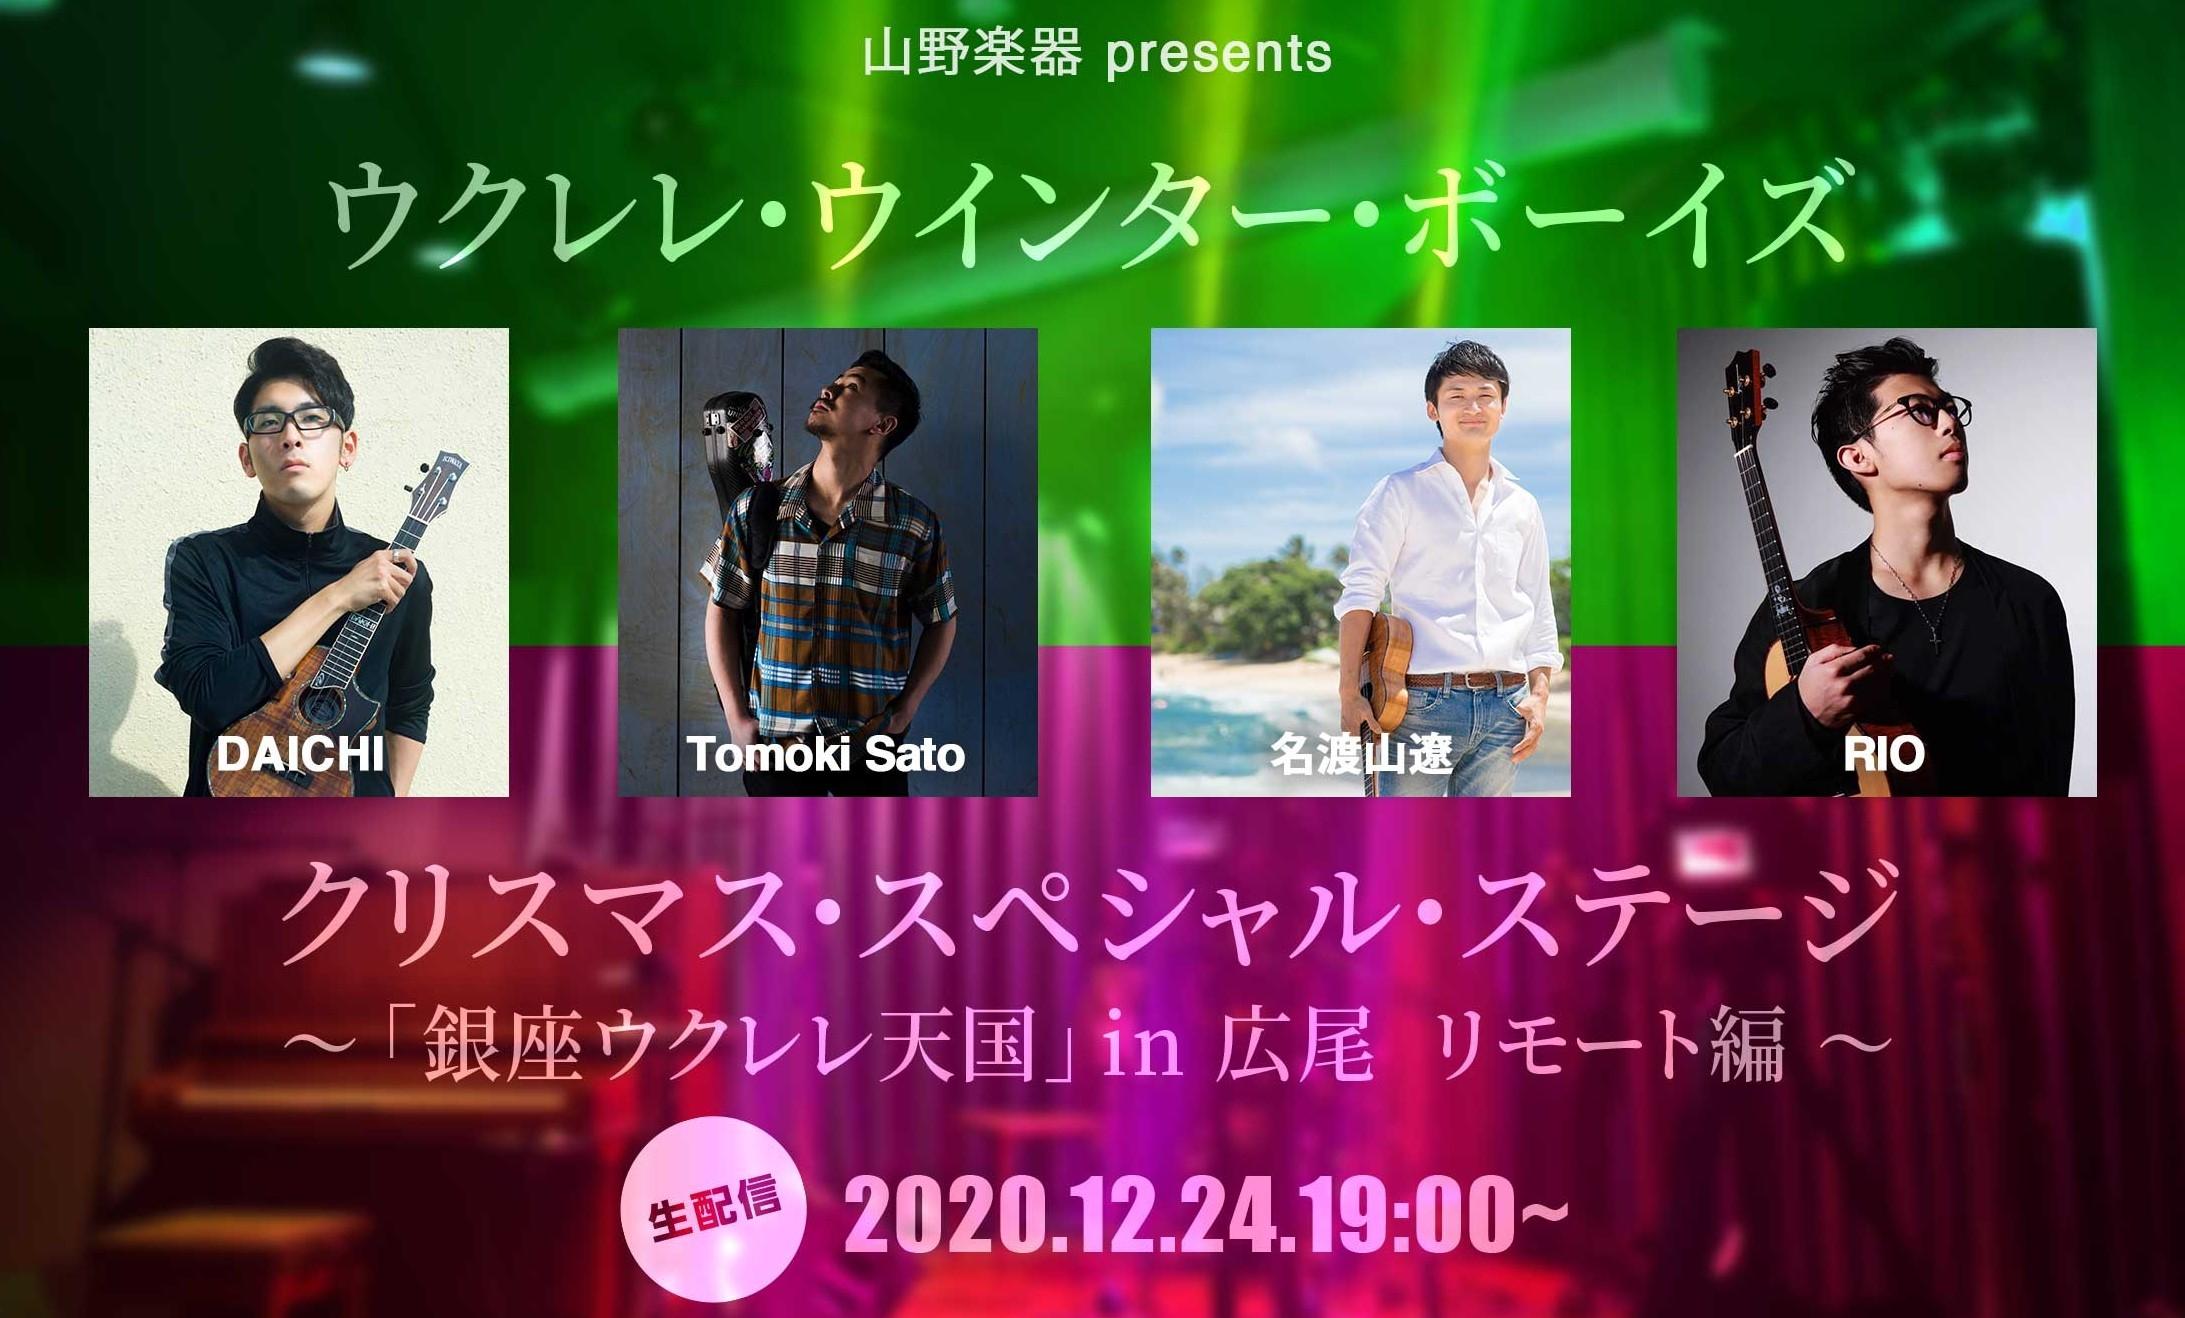 ウクレレ・ウインター・ボーイズ クリスマス・スペシャル・ステージ